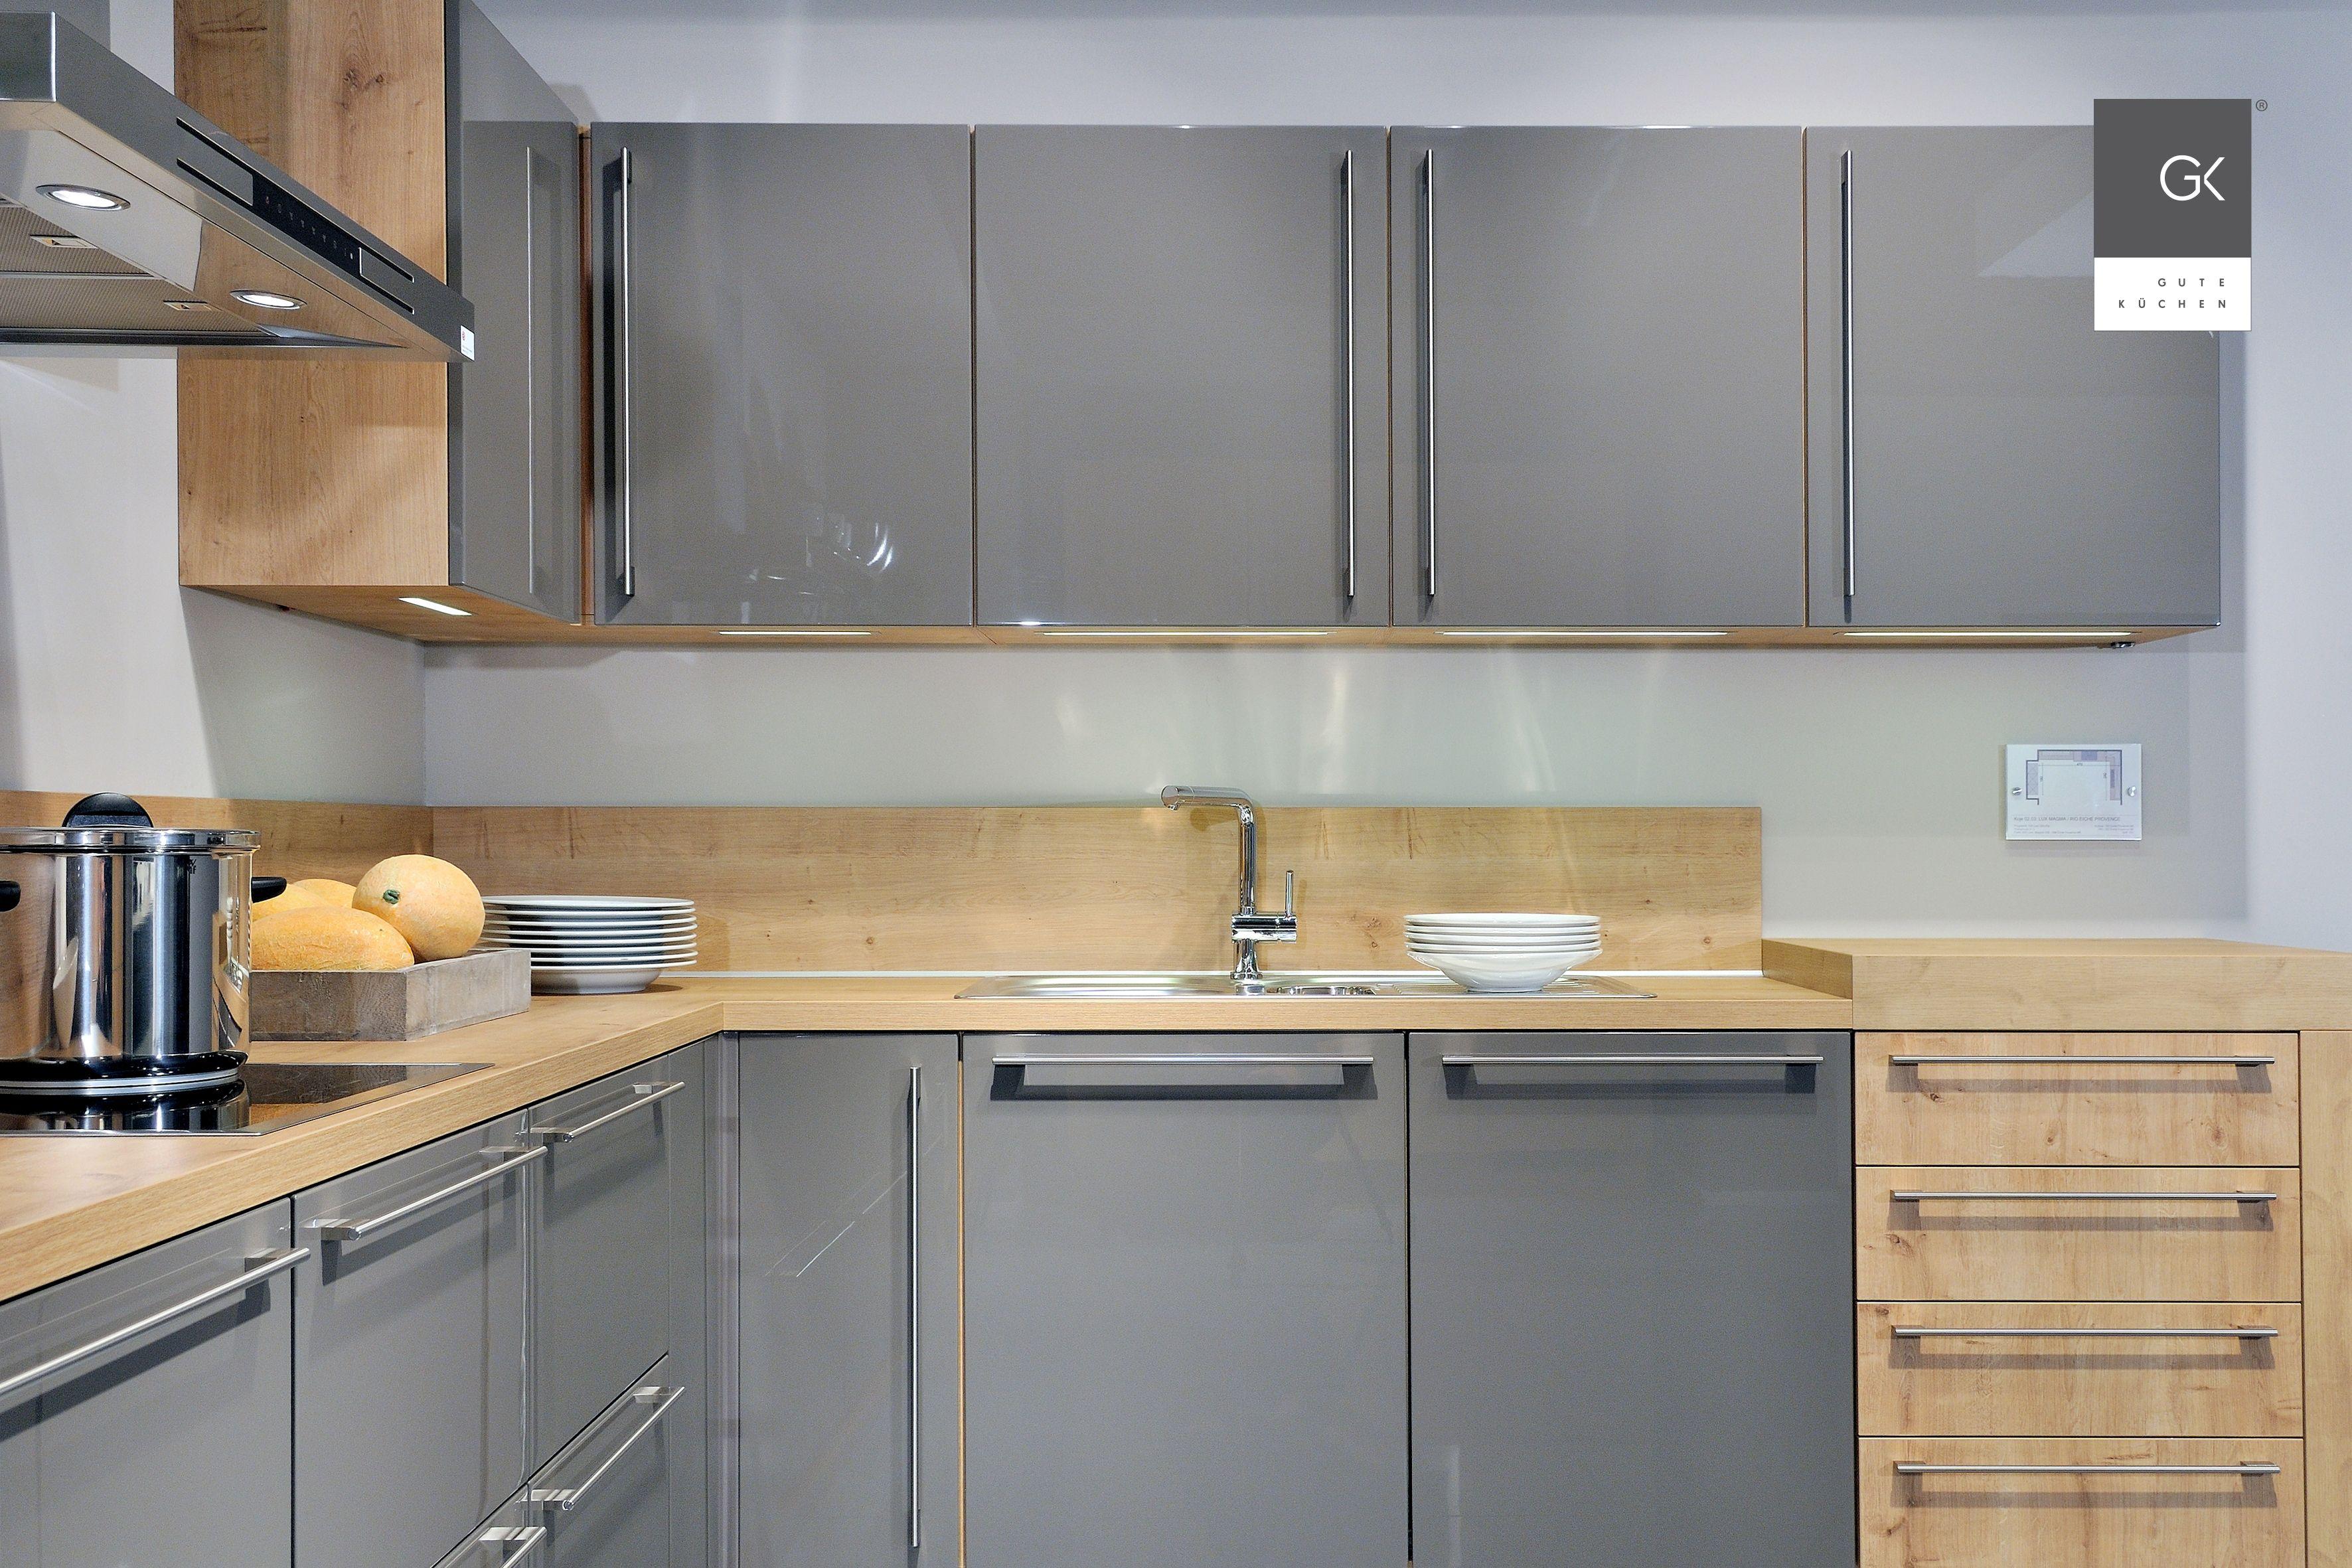 Bezaubernd Einbauküche L Form Das Beste Von Einbauküche In L-form Mit Hochglanzfronten